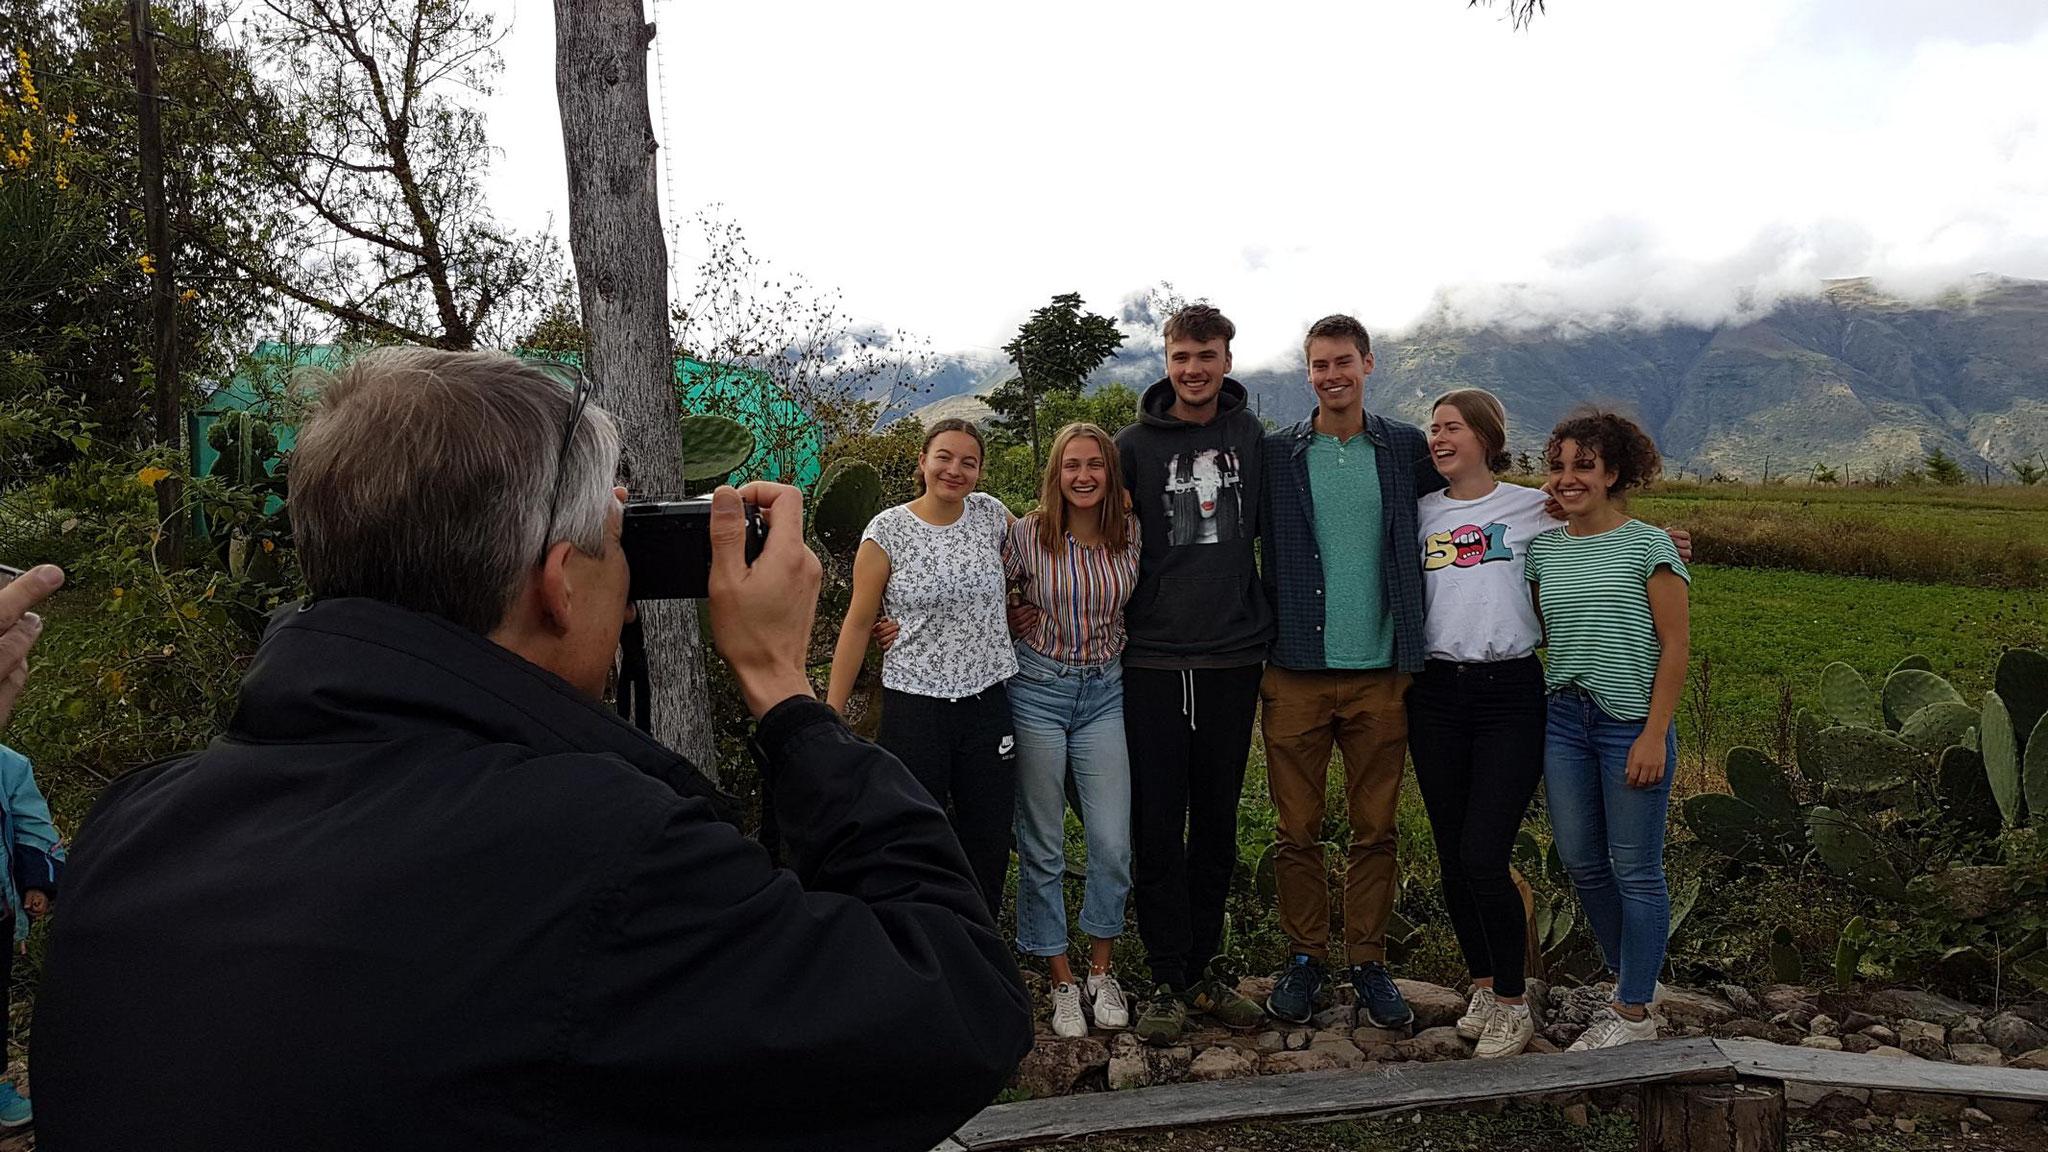 Werner macht Fotos für ein Abschieds-Fotoalbung für Jon Freese (Mitte).